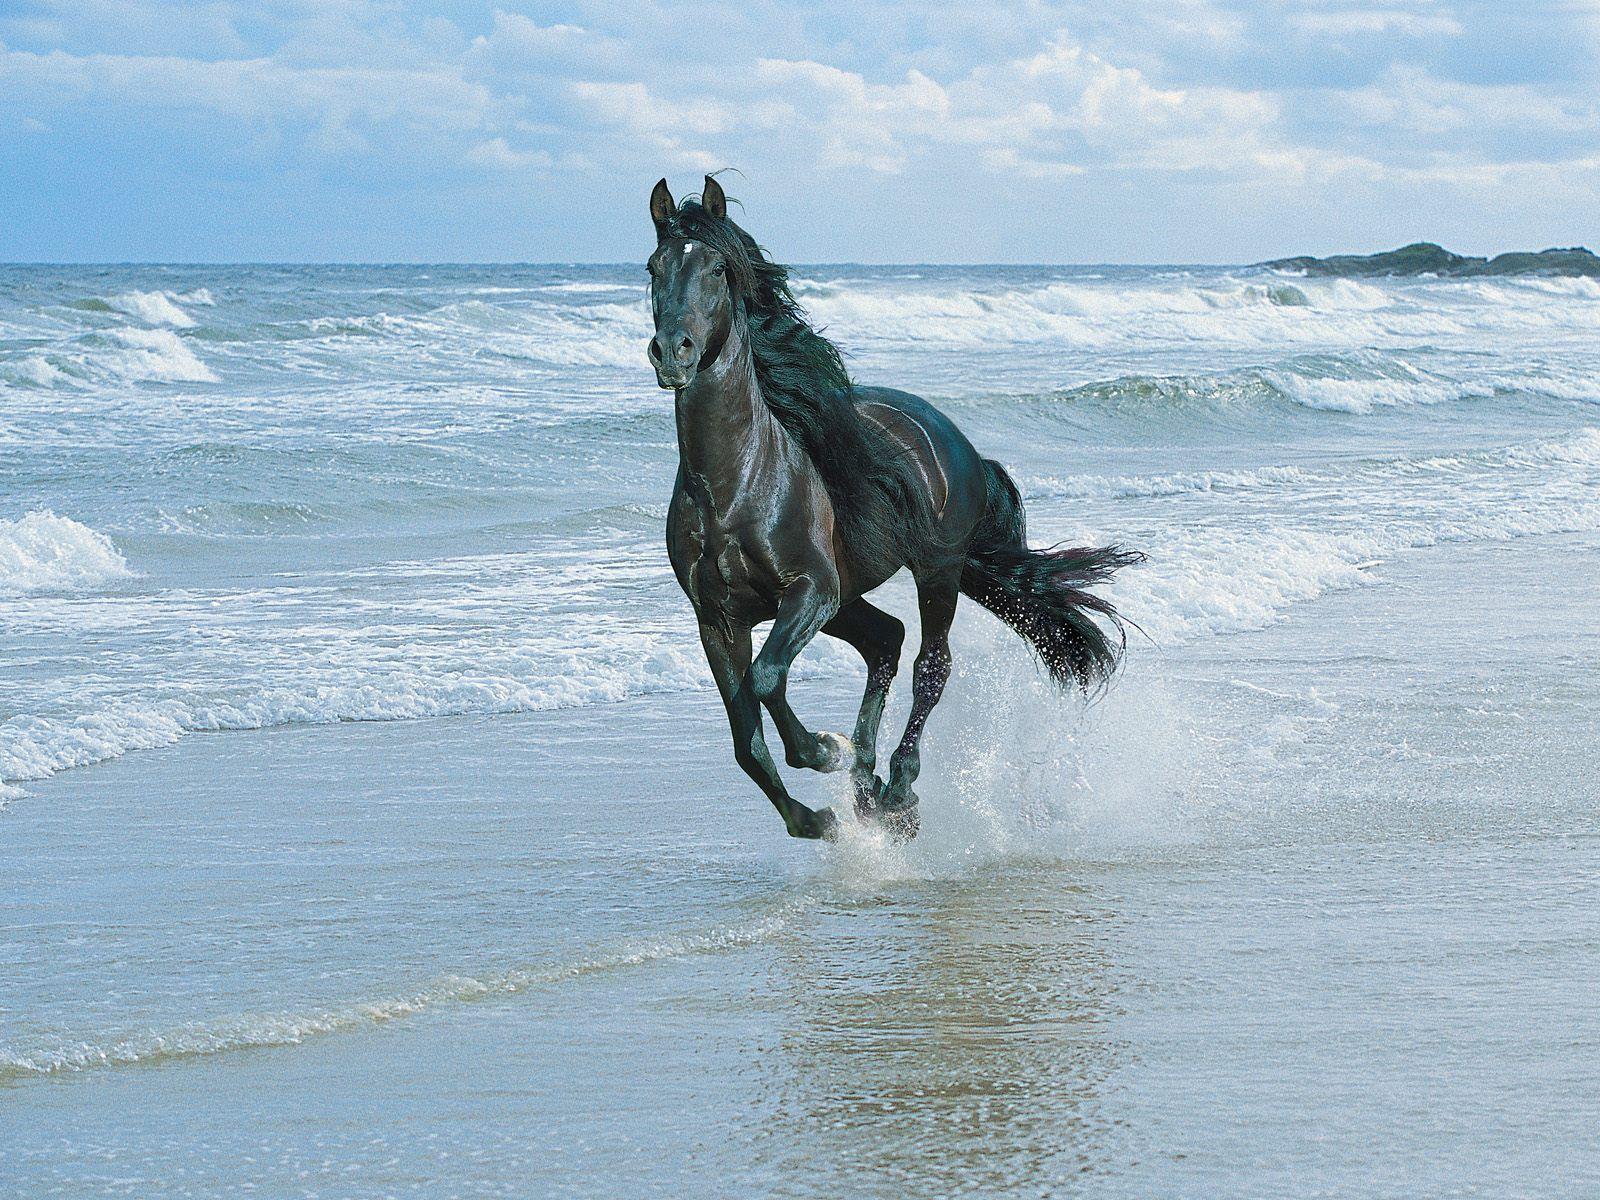 【现代诗】 我是一匹来自南方的马 (原创) - 博雅.wolaxiao - 博雅.wolaxiao的博客